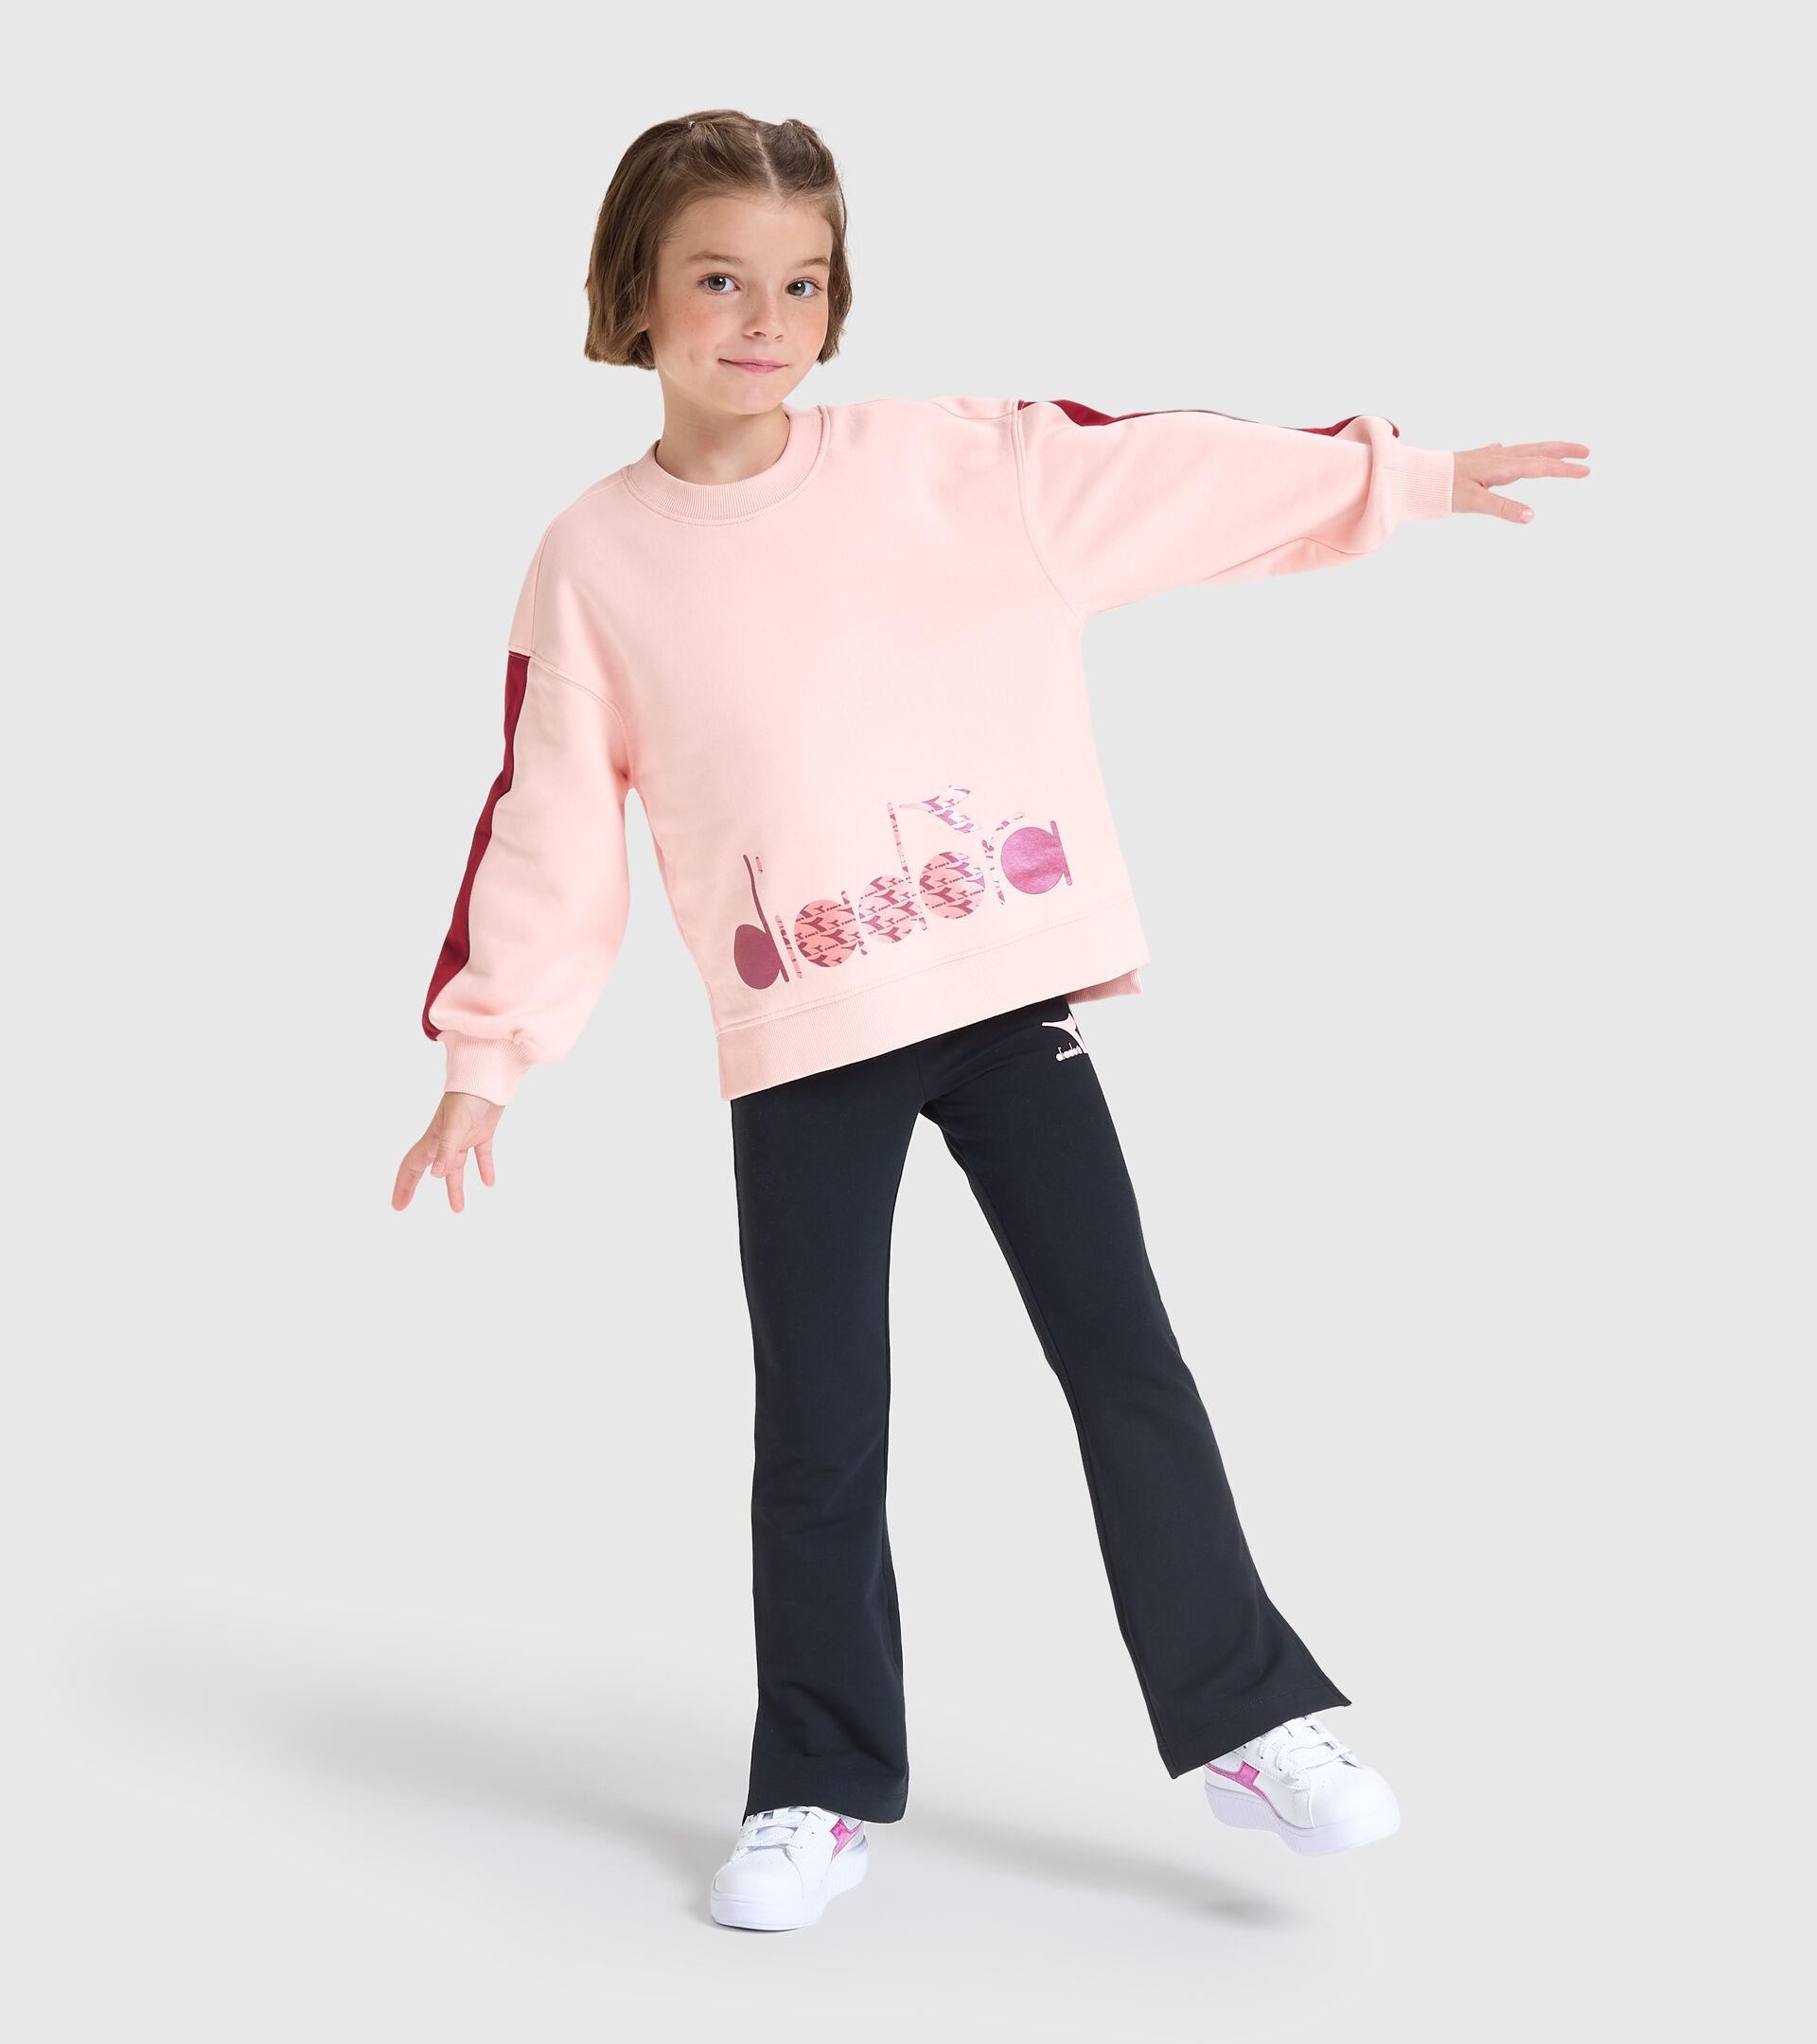 Crew-neck sweatshirt - Kids JG.SWEATSHIRT CREW TWINKLE VEILED PINK - Diadora